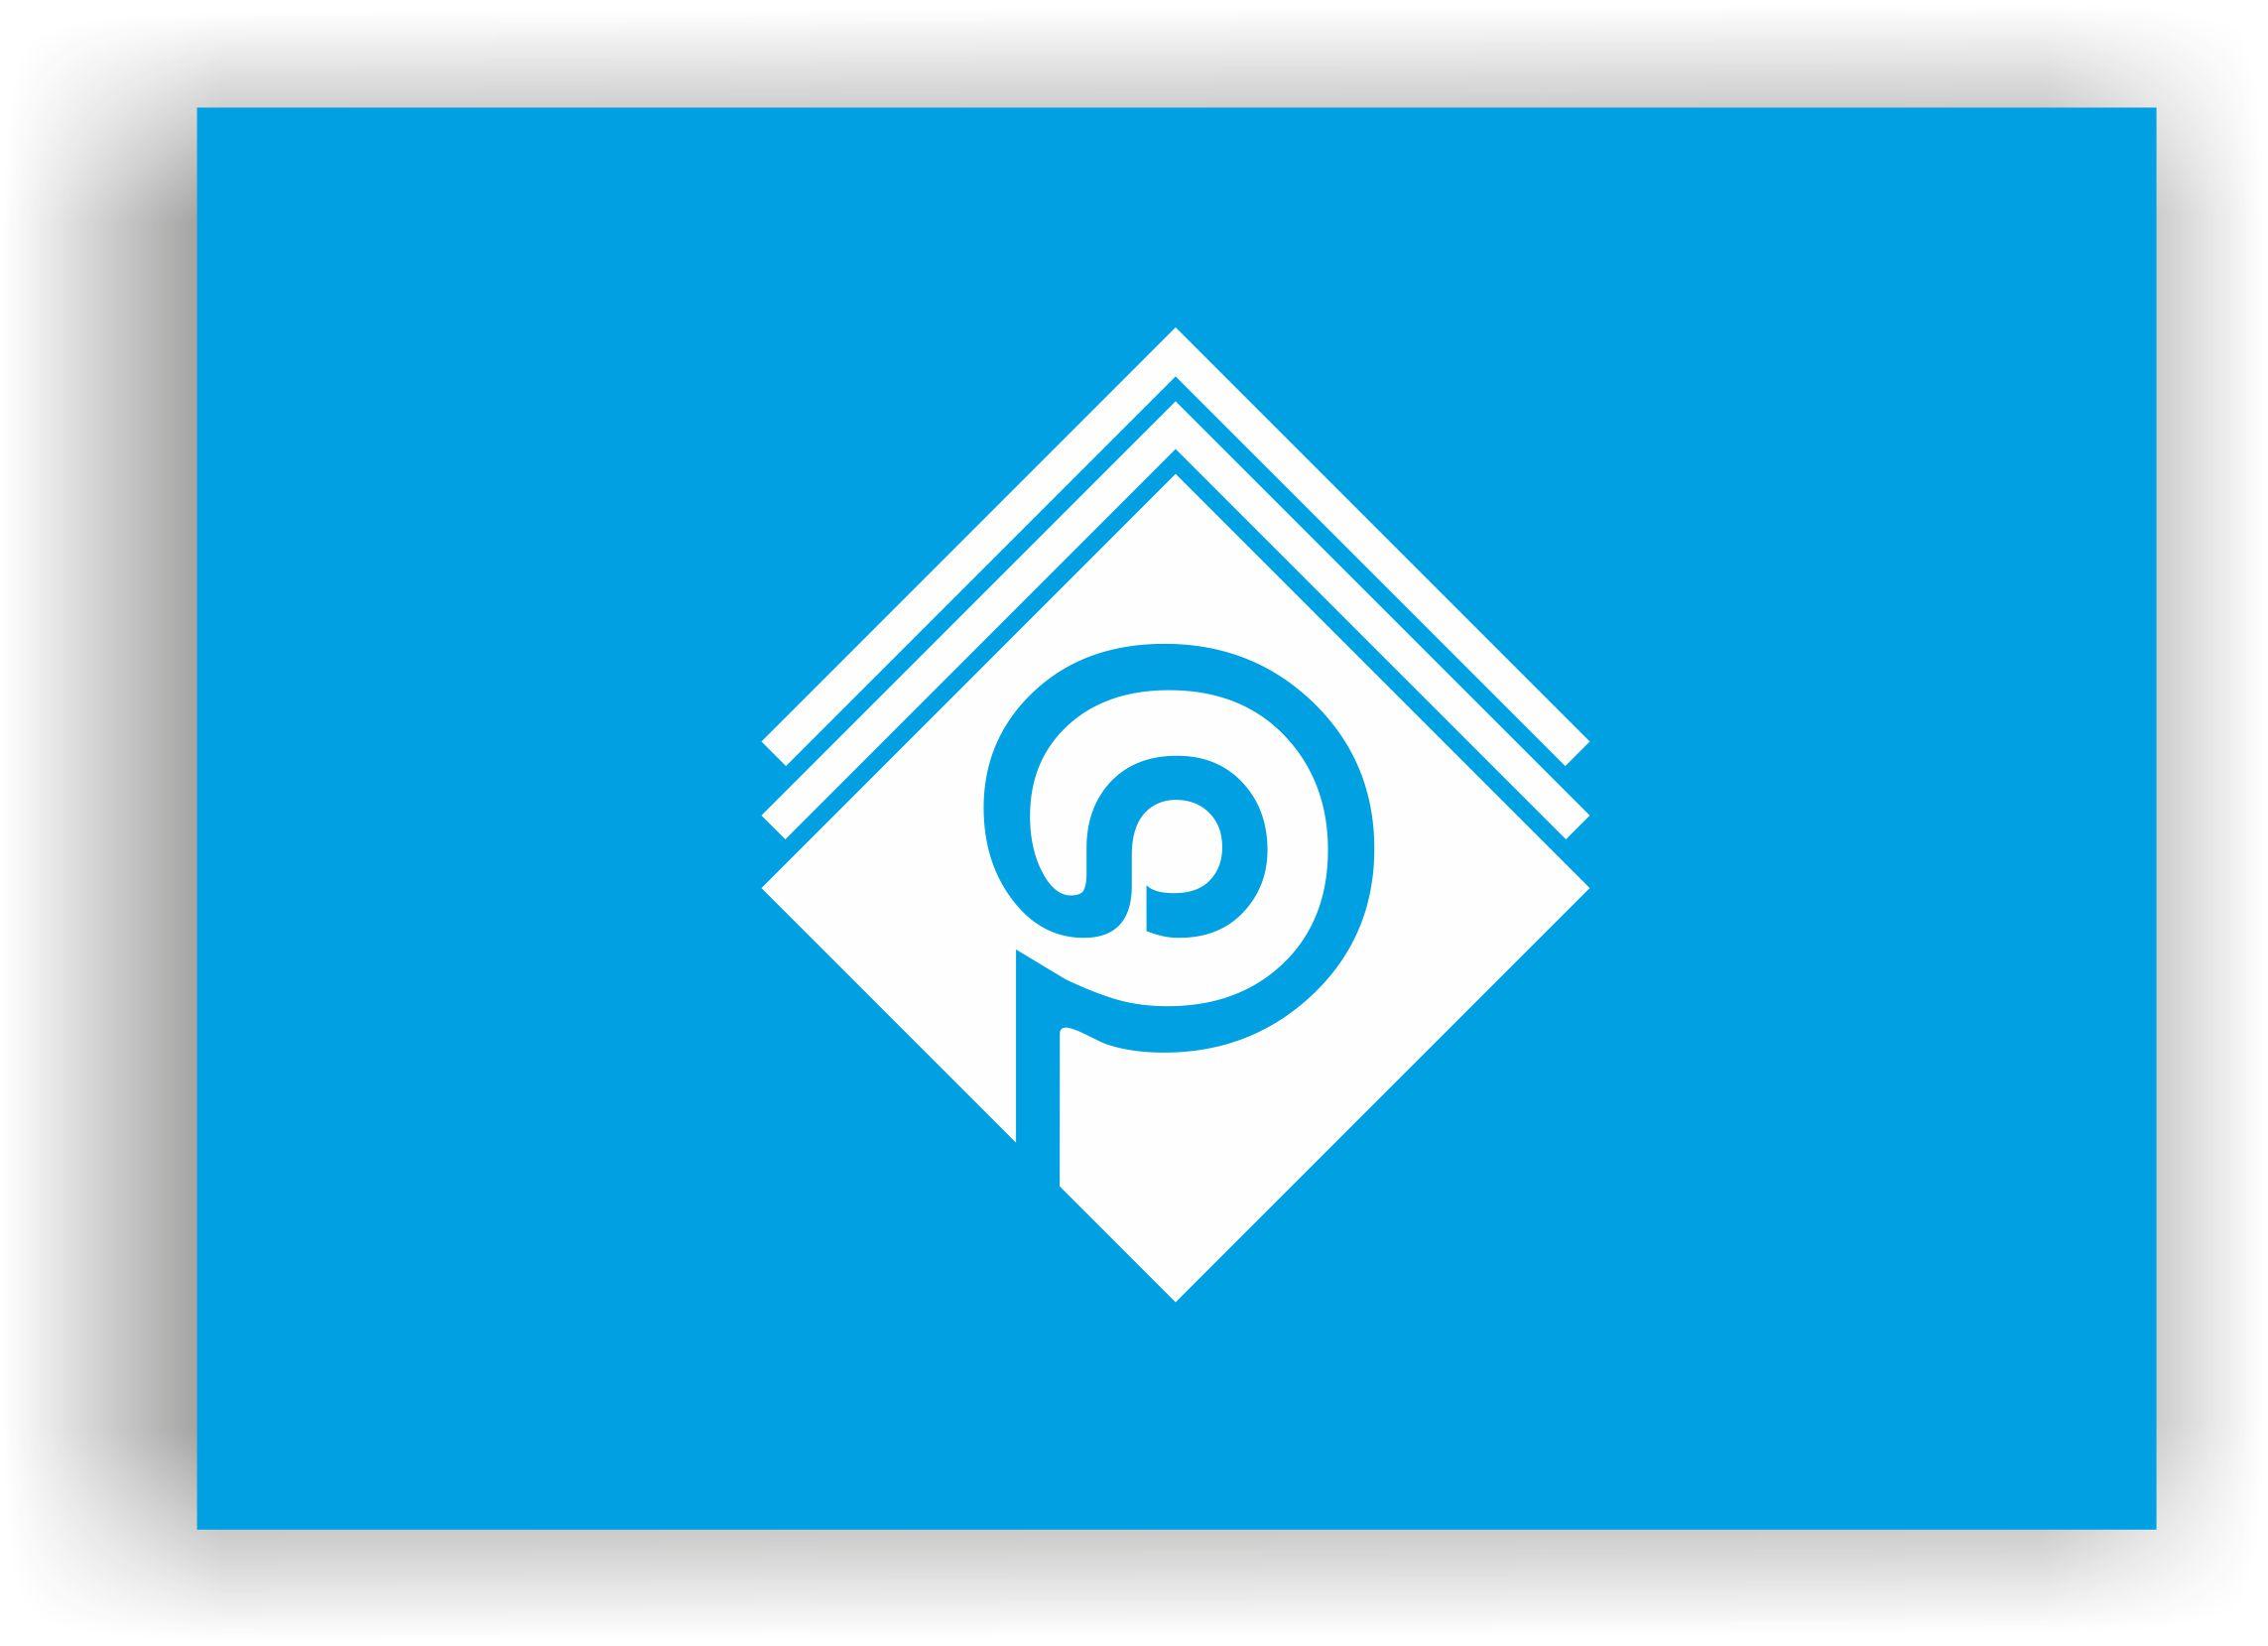 Разработать логотип + визитку + логотип для печати ООО +++ фото f_9735547369867da6.jpg